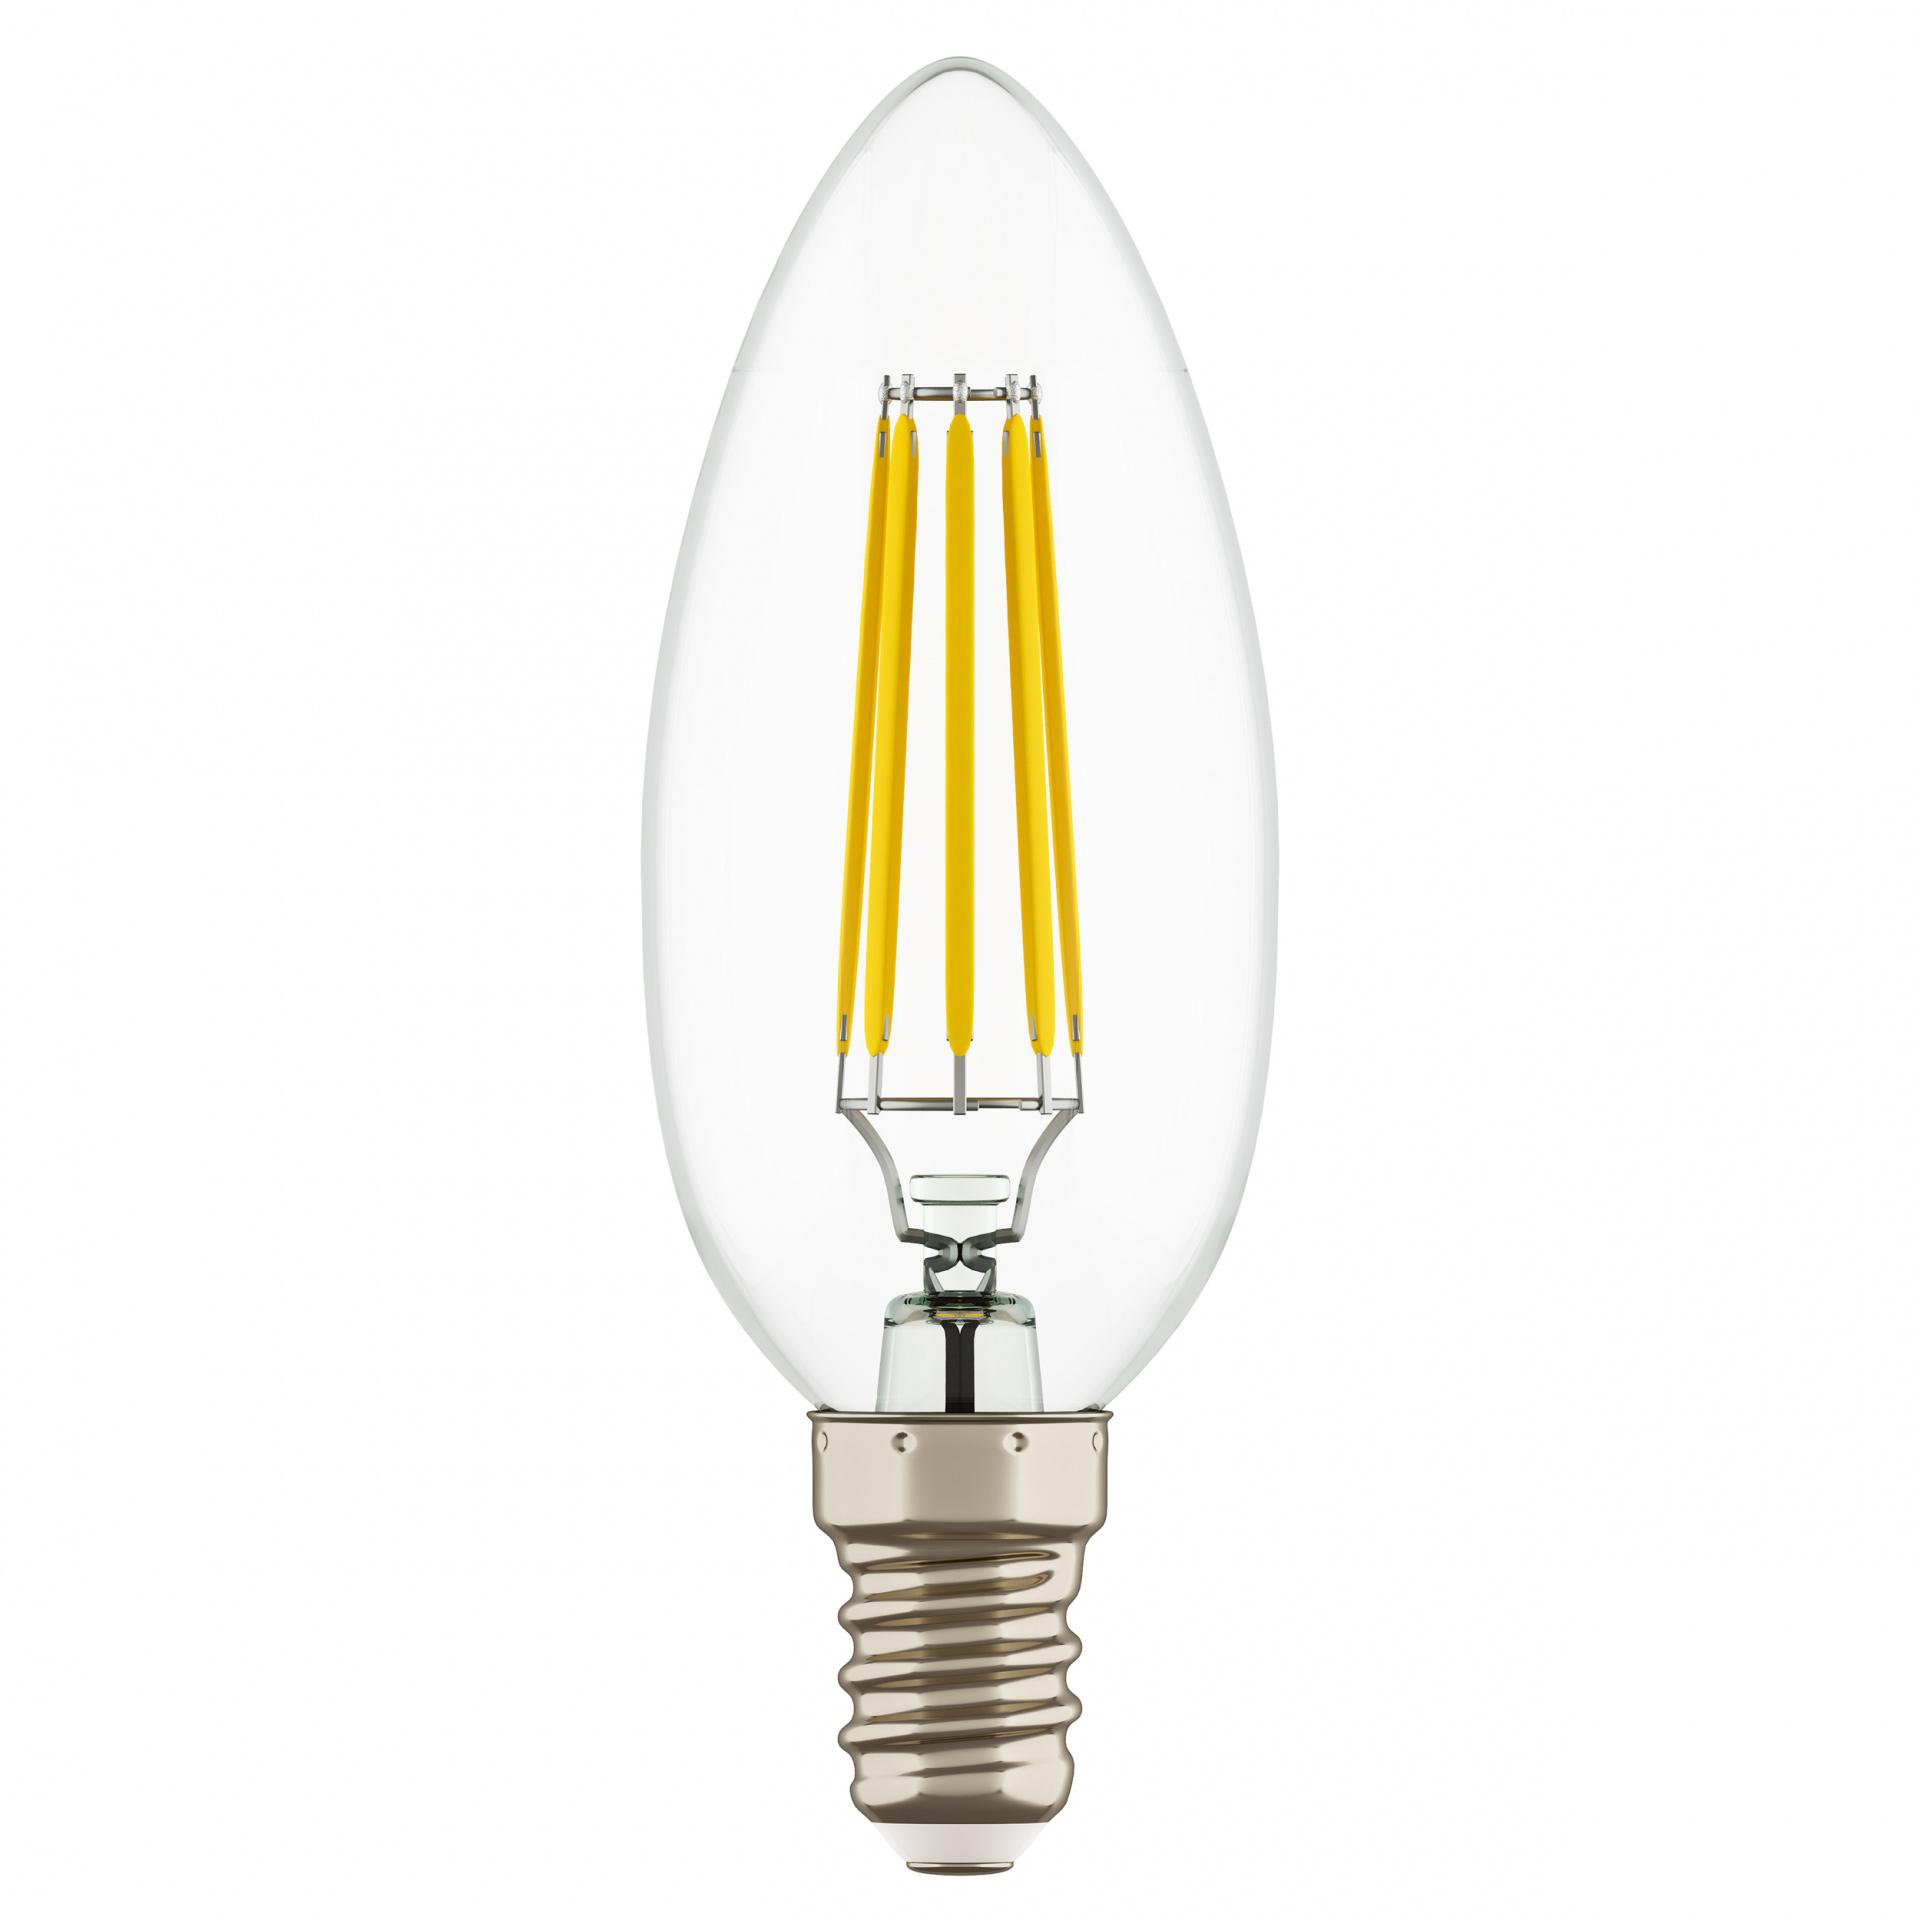 Лампа LED 220V C35 E14 4W=40W 350LM 360G CL 3000K 20000H Lightstar 940562, купить в СПб, Москве, с доставкой, Санкт-Петербург, интернет-магазин люстр и светильников Starlight, фото в жизни